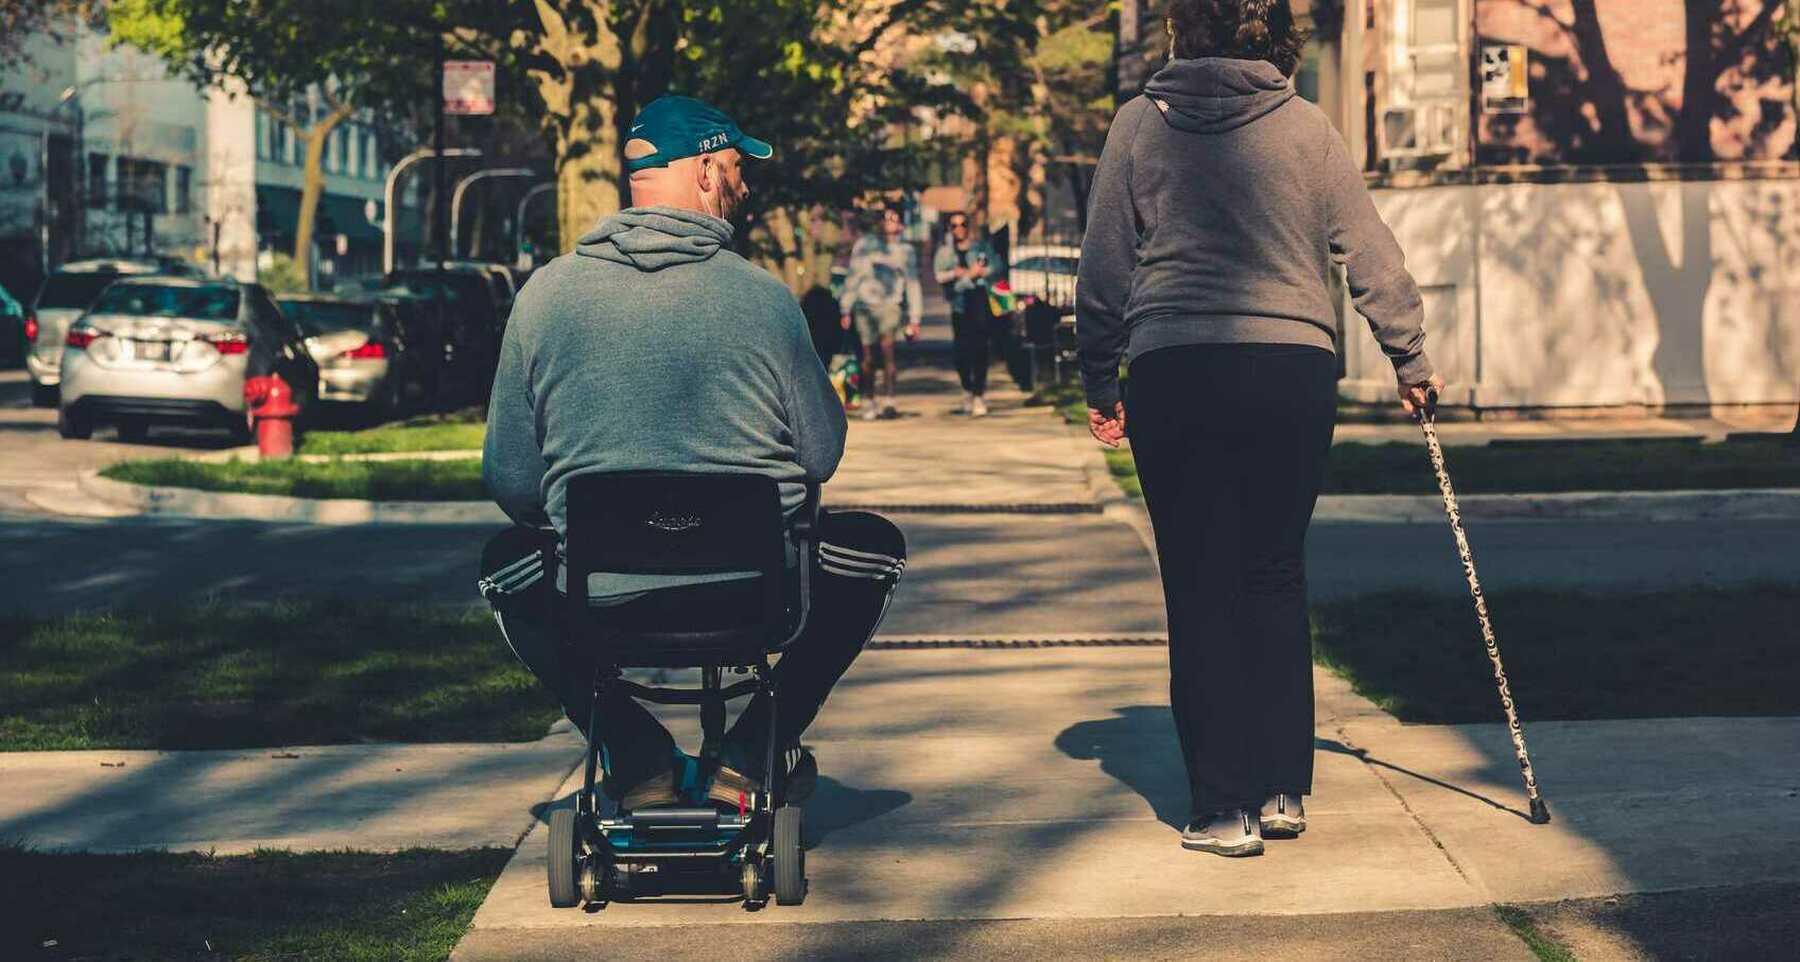 Internationale dag voor personen met een handicap